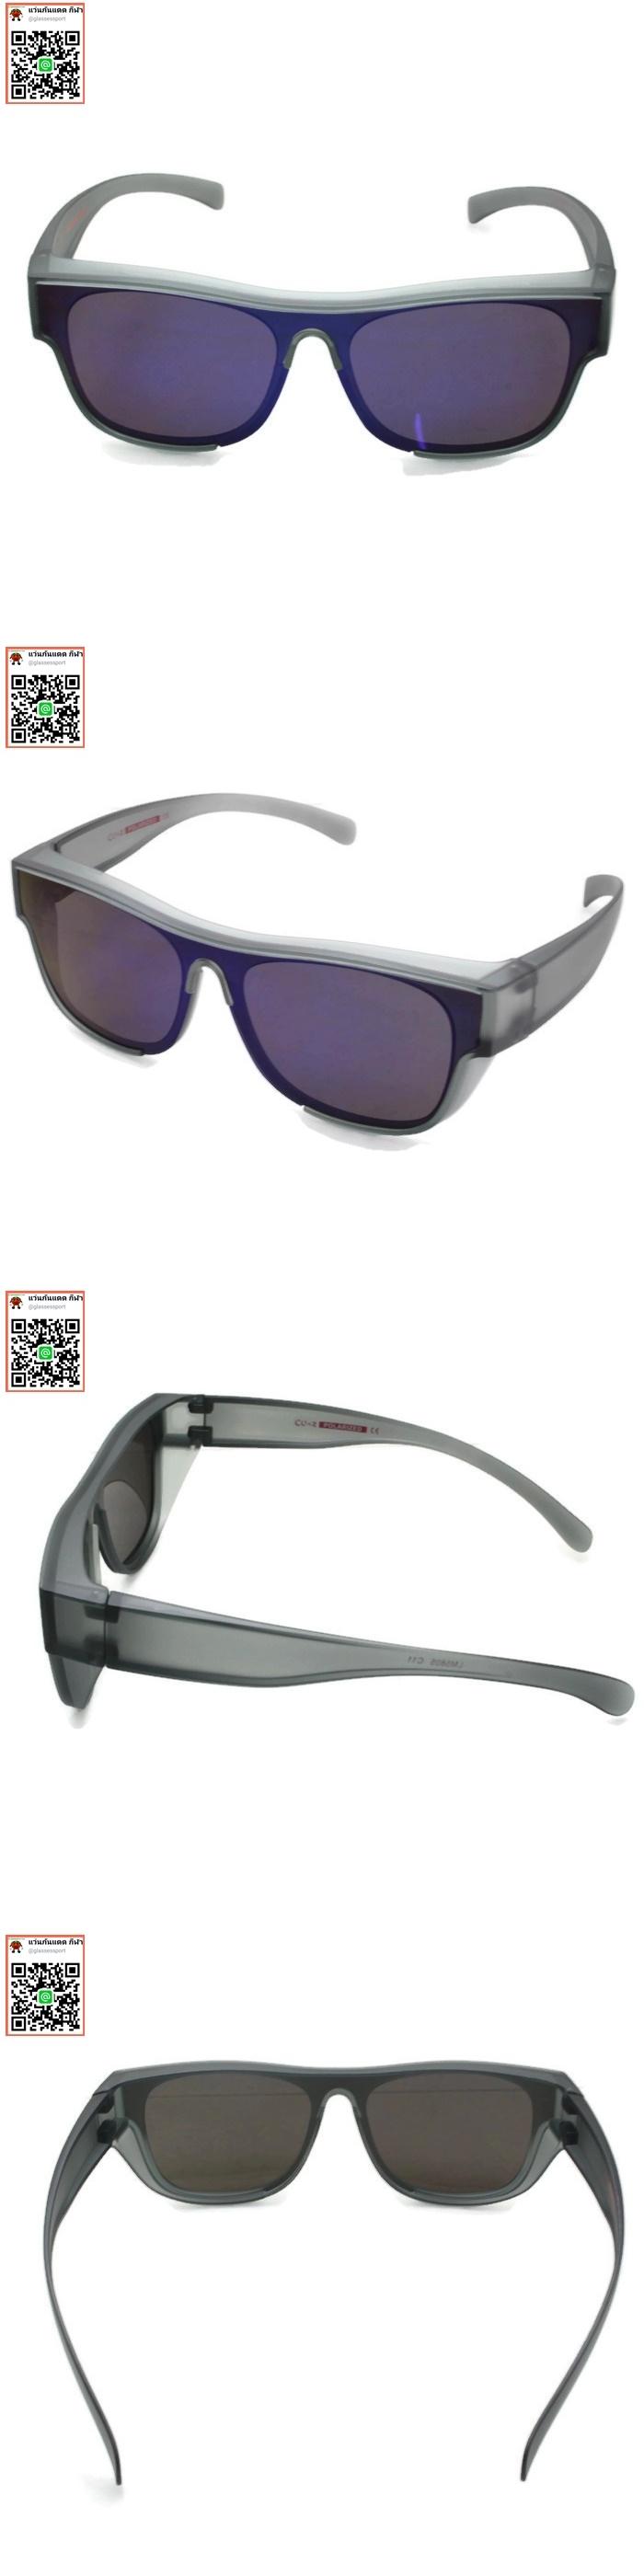 แว่นกันแดดสวมทับแว่นสายตา มาใหม่ 2019เลนส์polarized ลดแสงสะท้อน